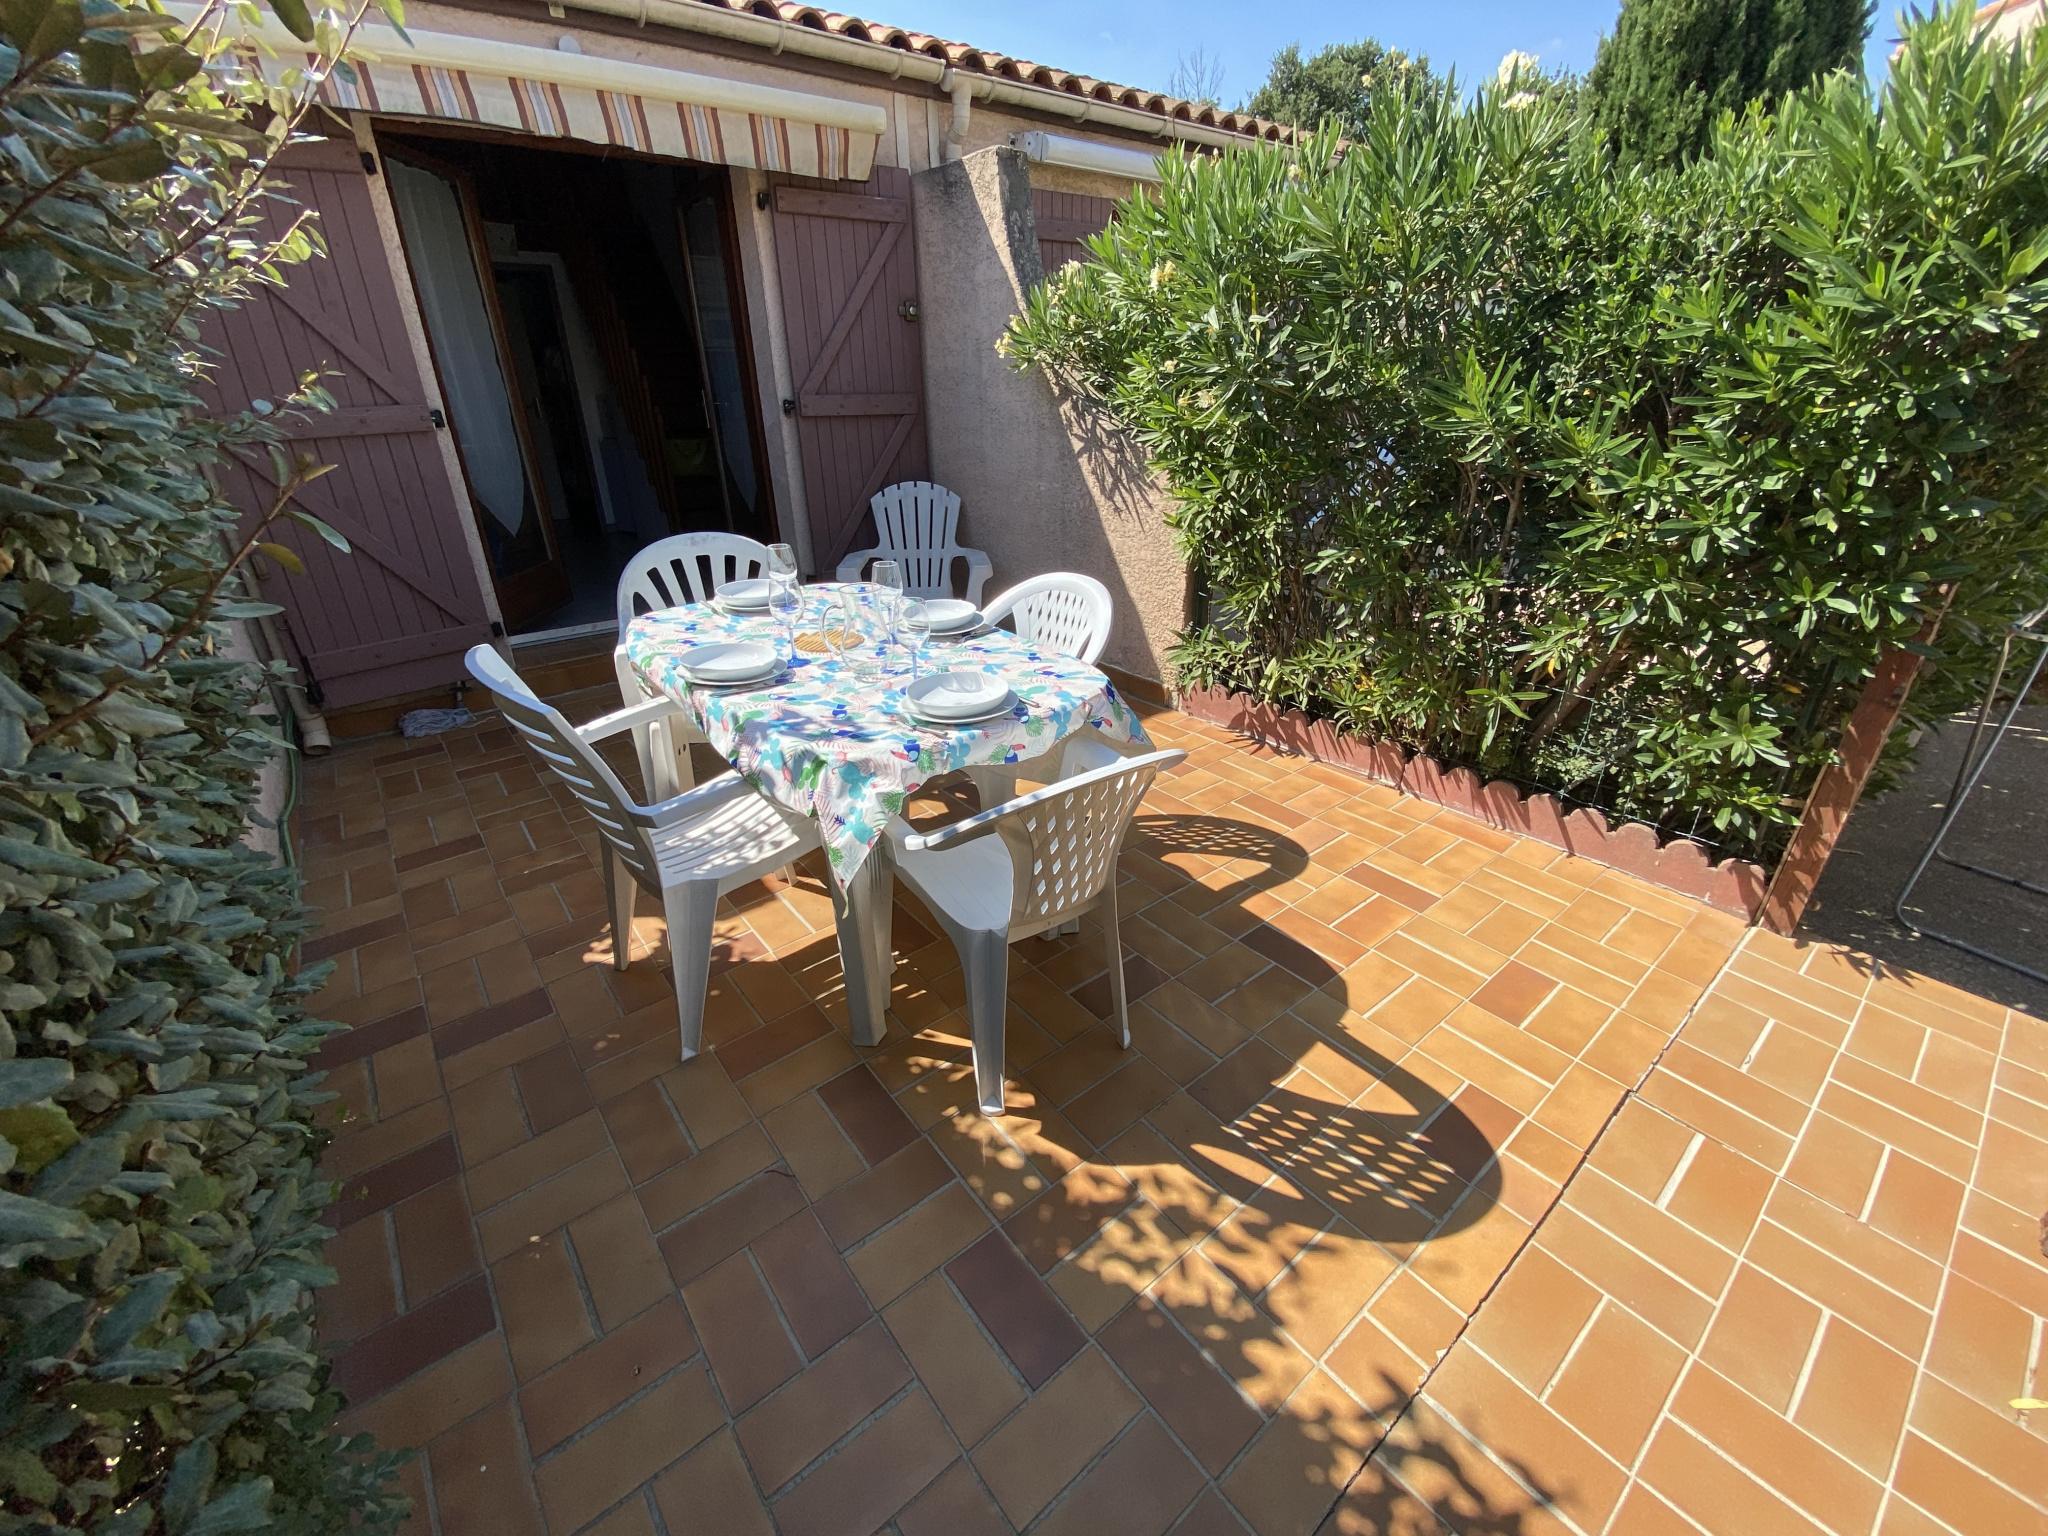 À vendre maison/villa de 25m2 à argeles sur mer (66700) - Photo 1'